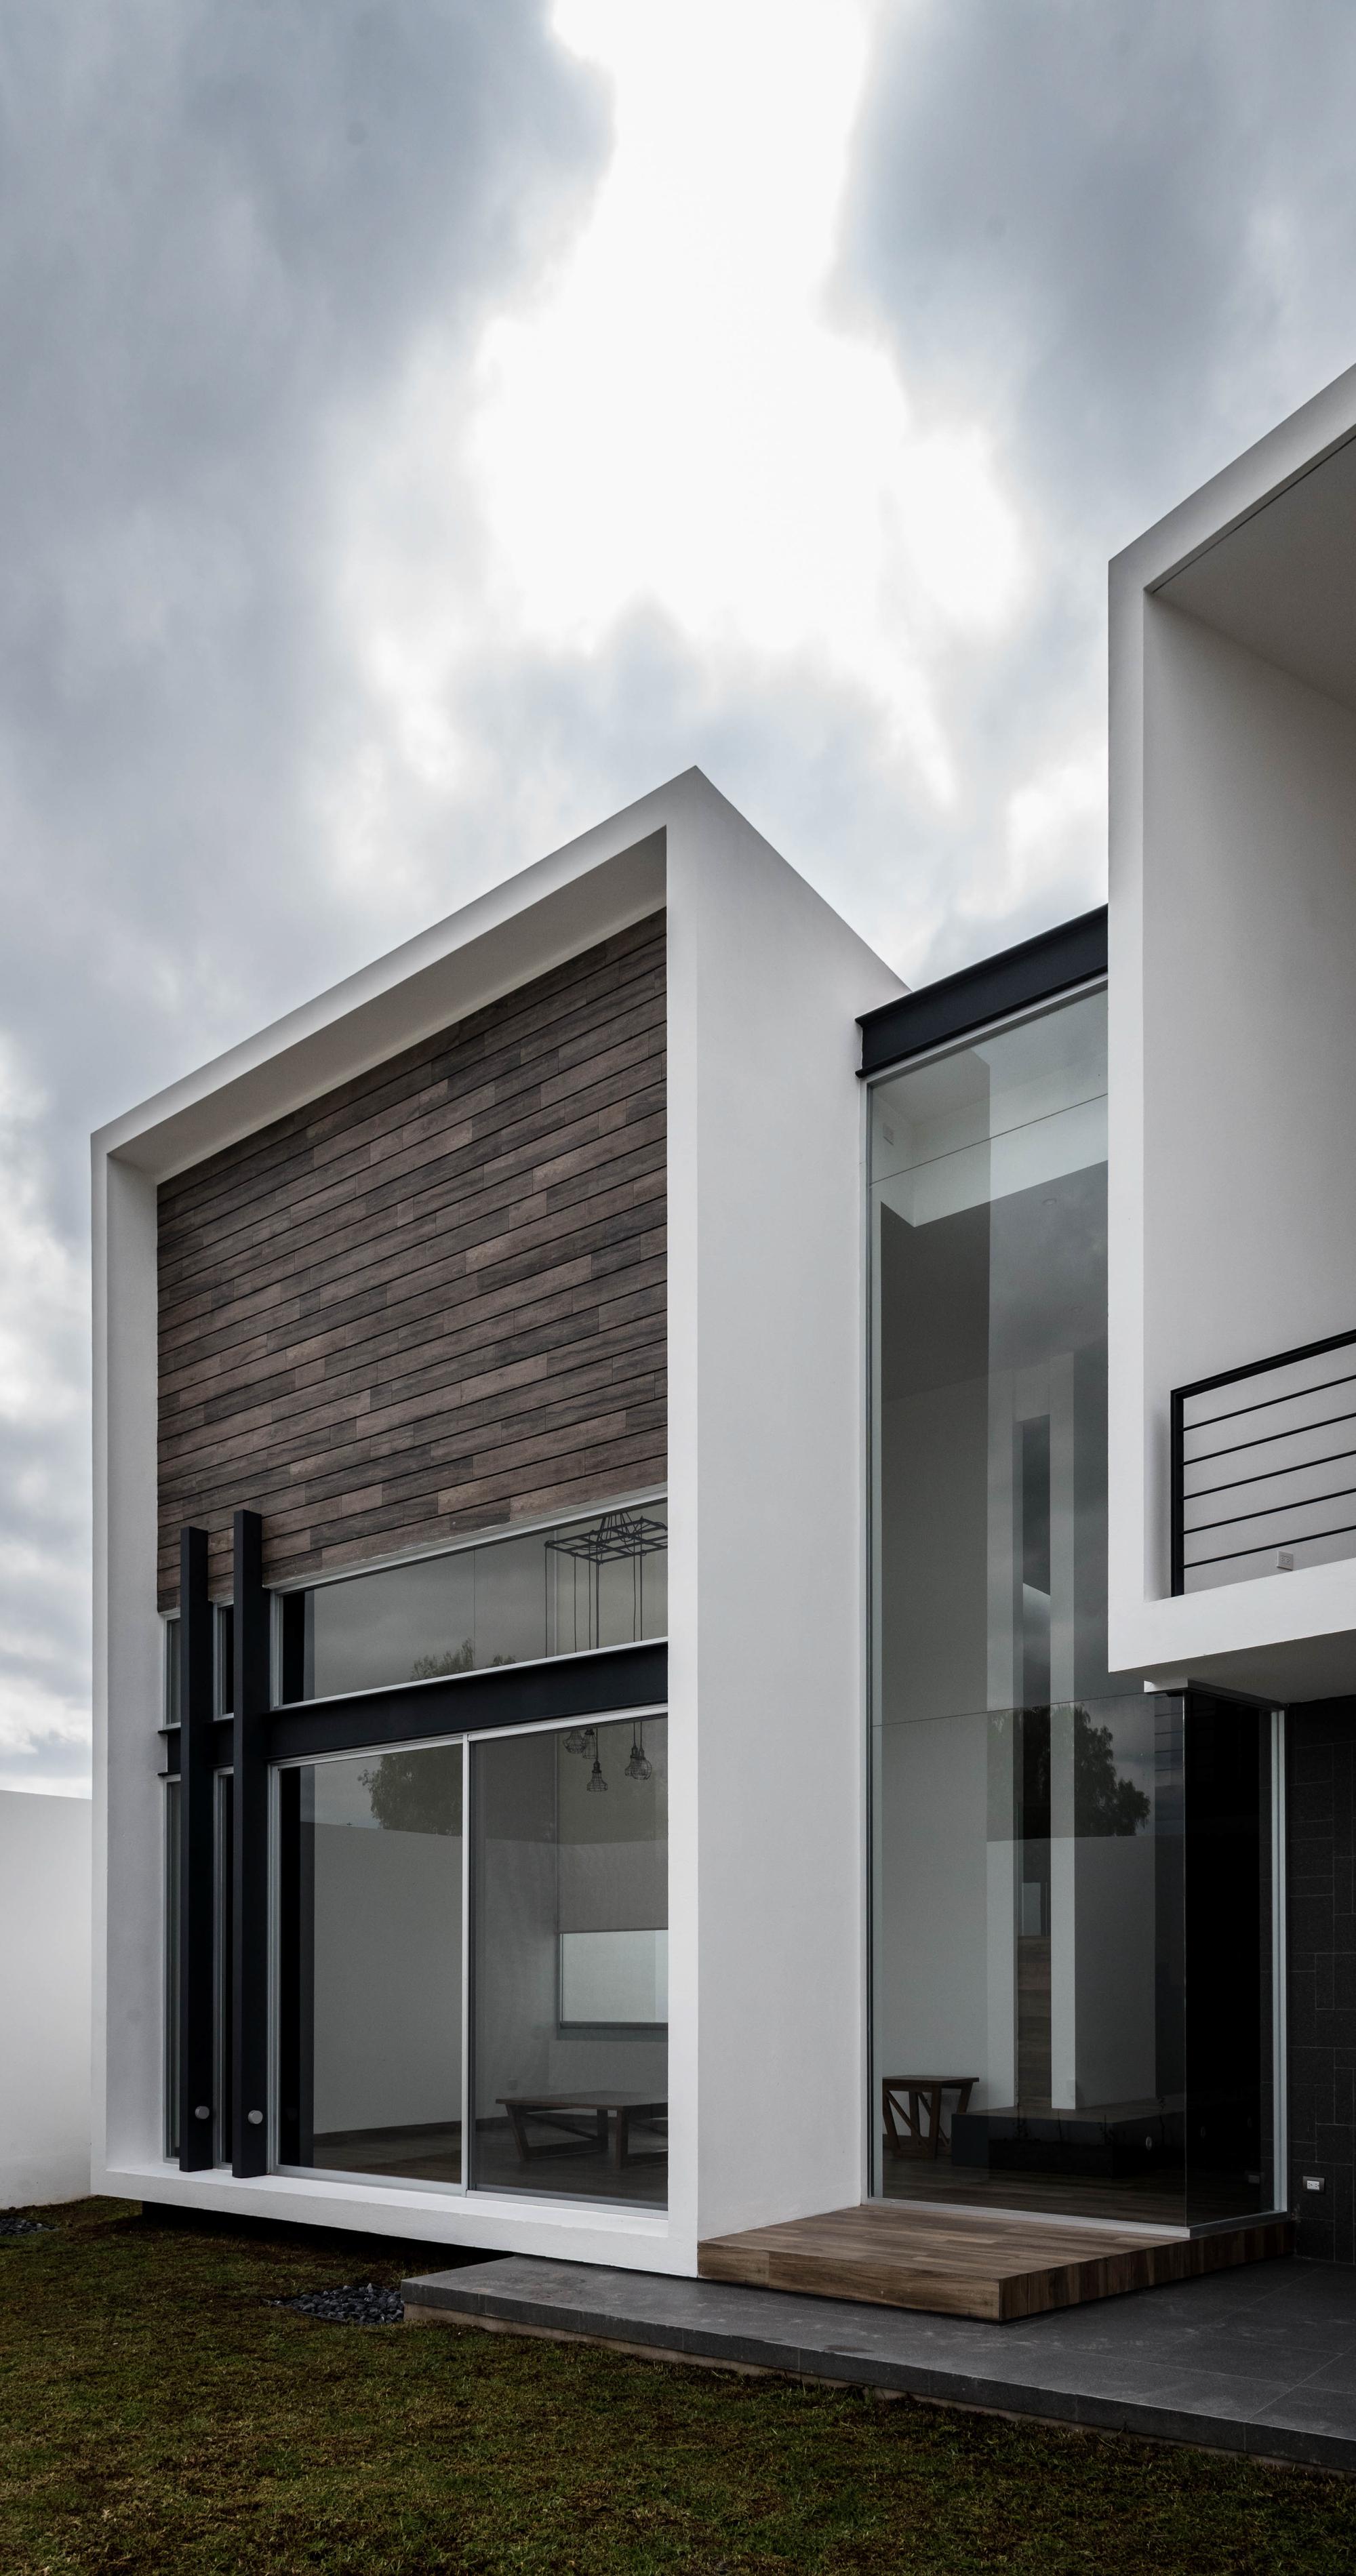 Galer a de casa r p adi arquitectura y dise o interior 11 for Arquitectura y diseno interior